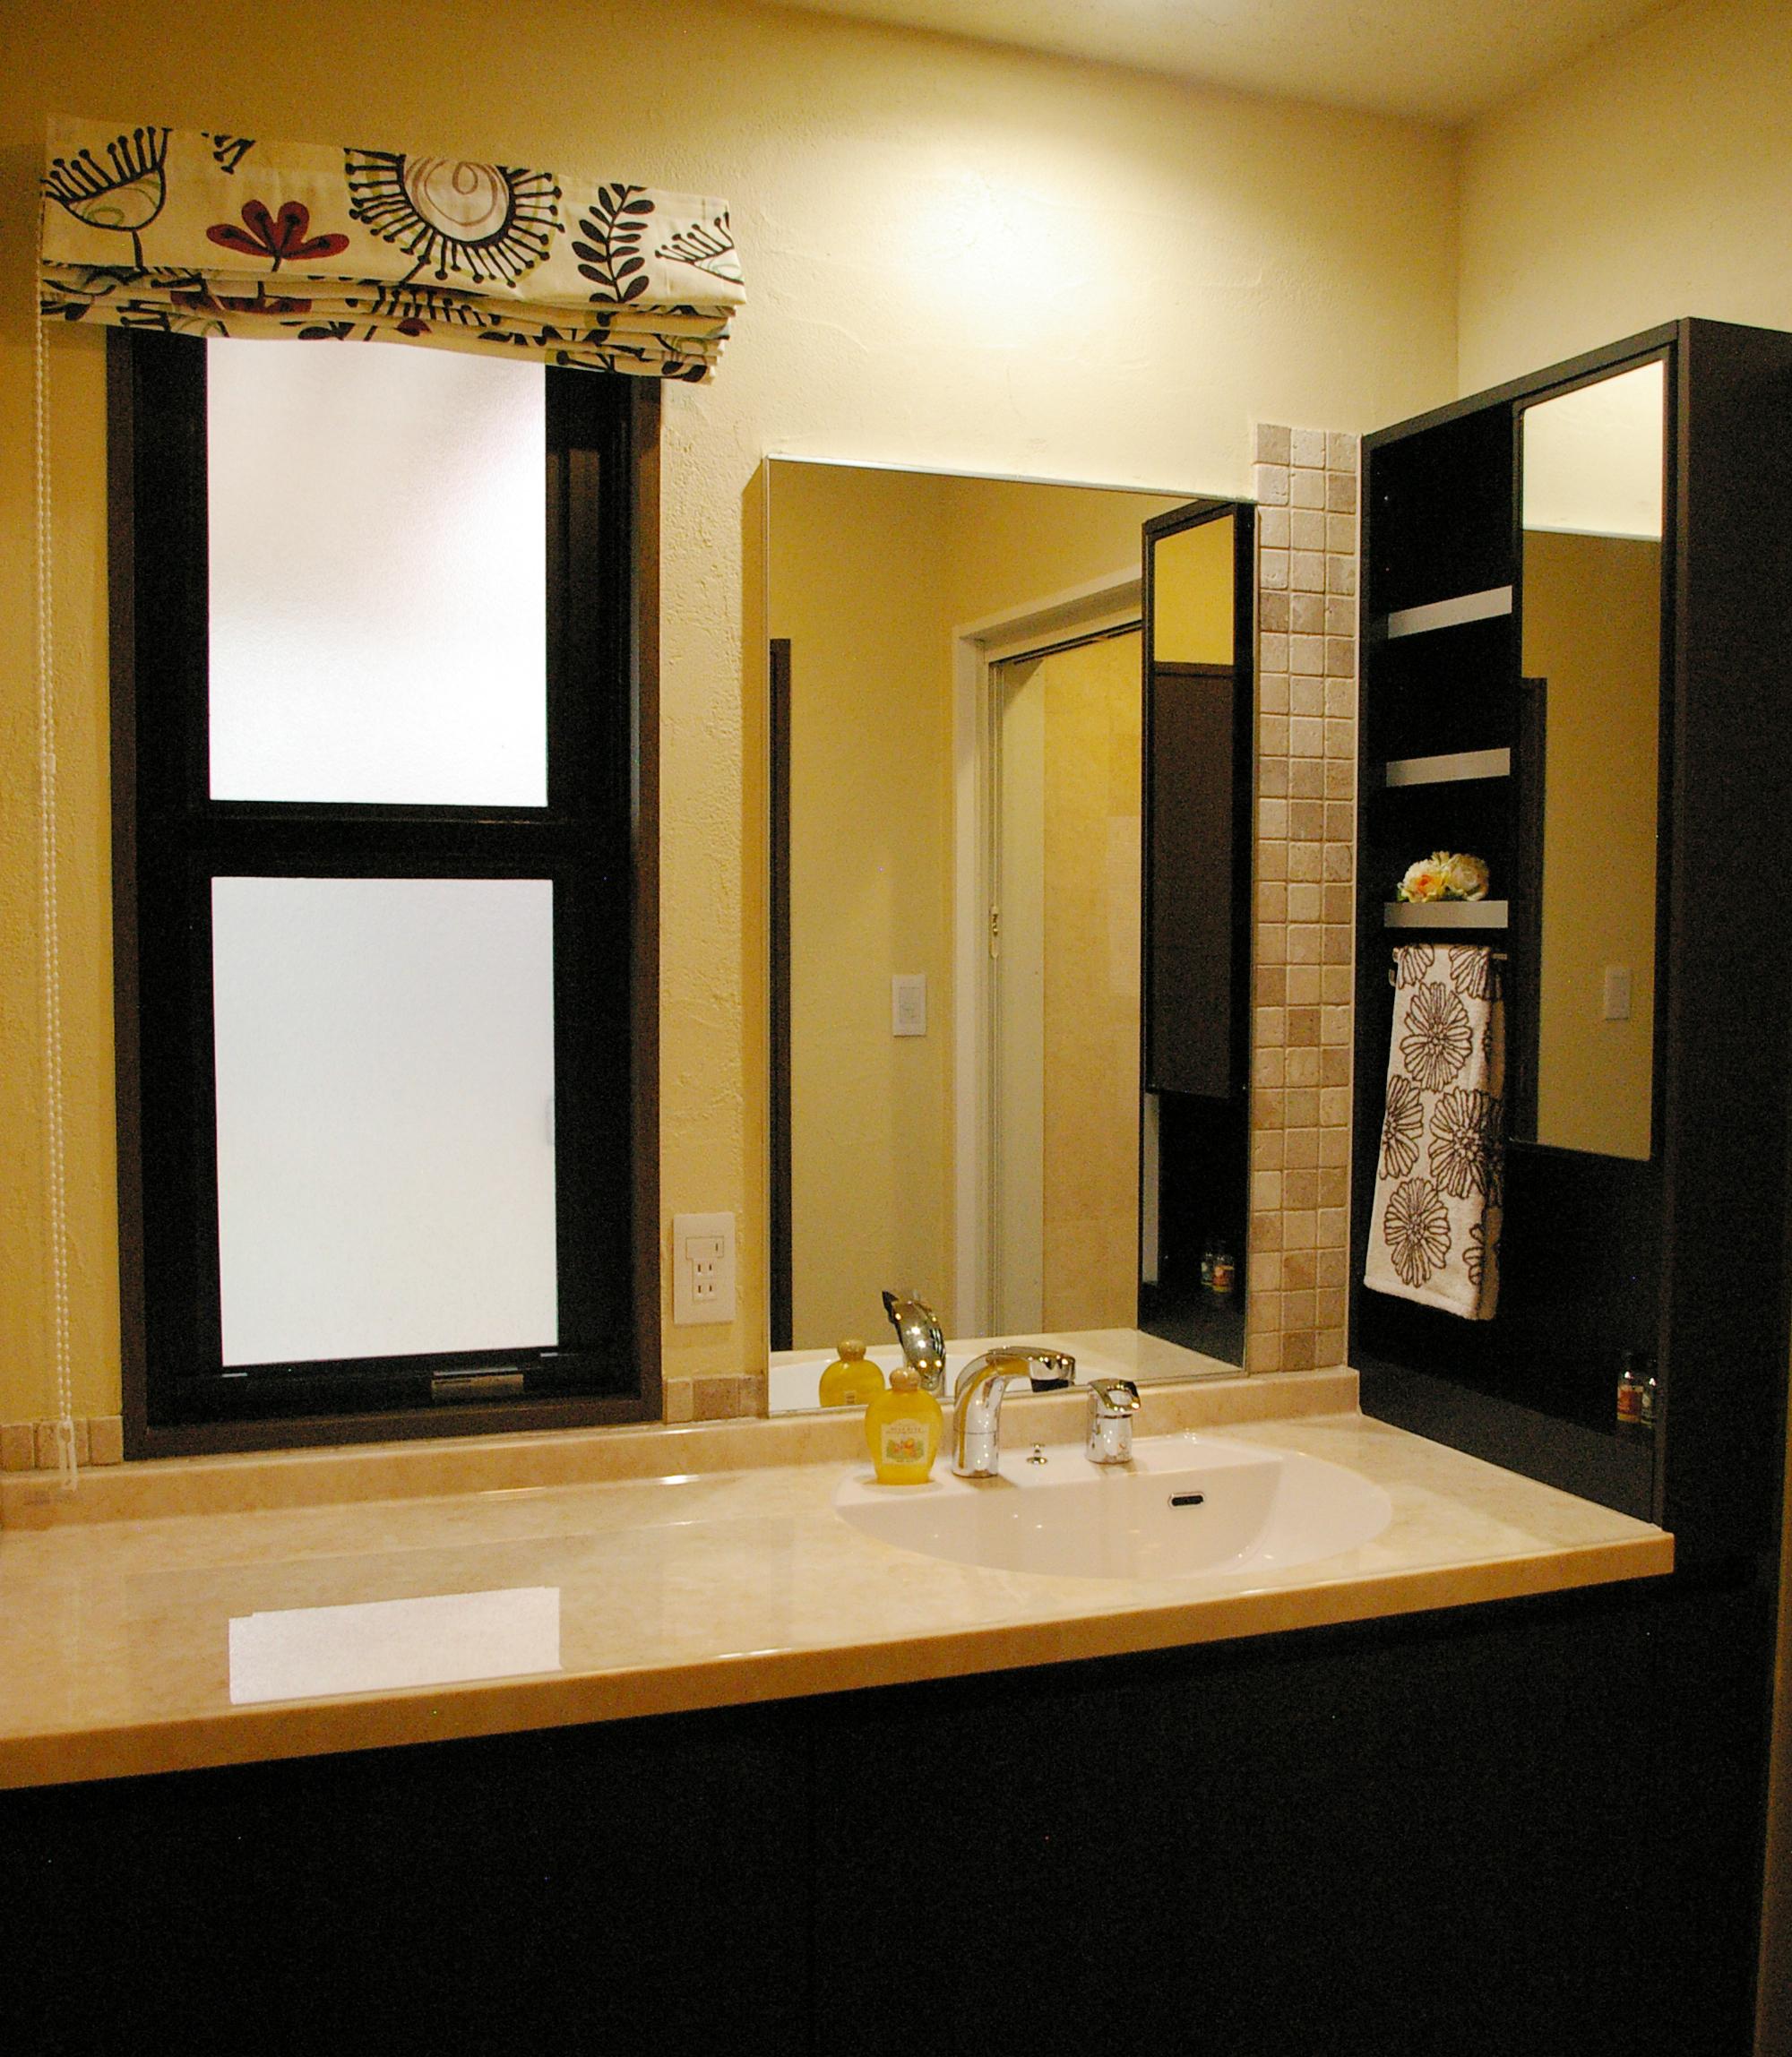 部分リフォームだからこそ出来る、洗面室の扉を開けた瞬間から始まる非日常を追求しました。